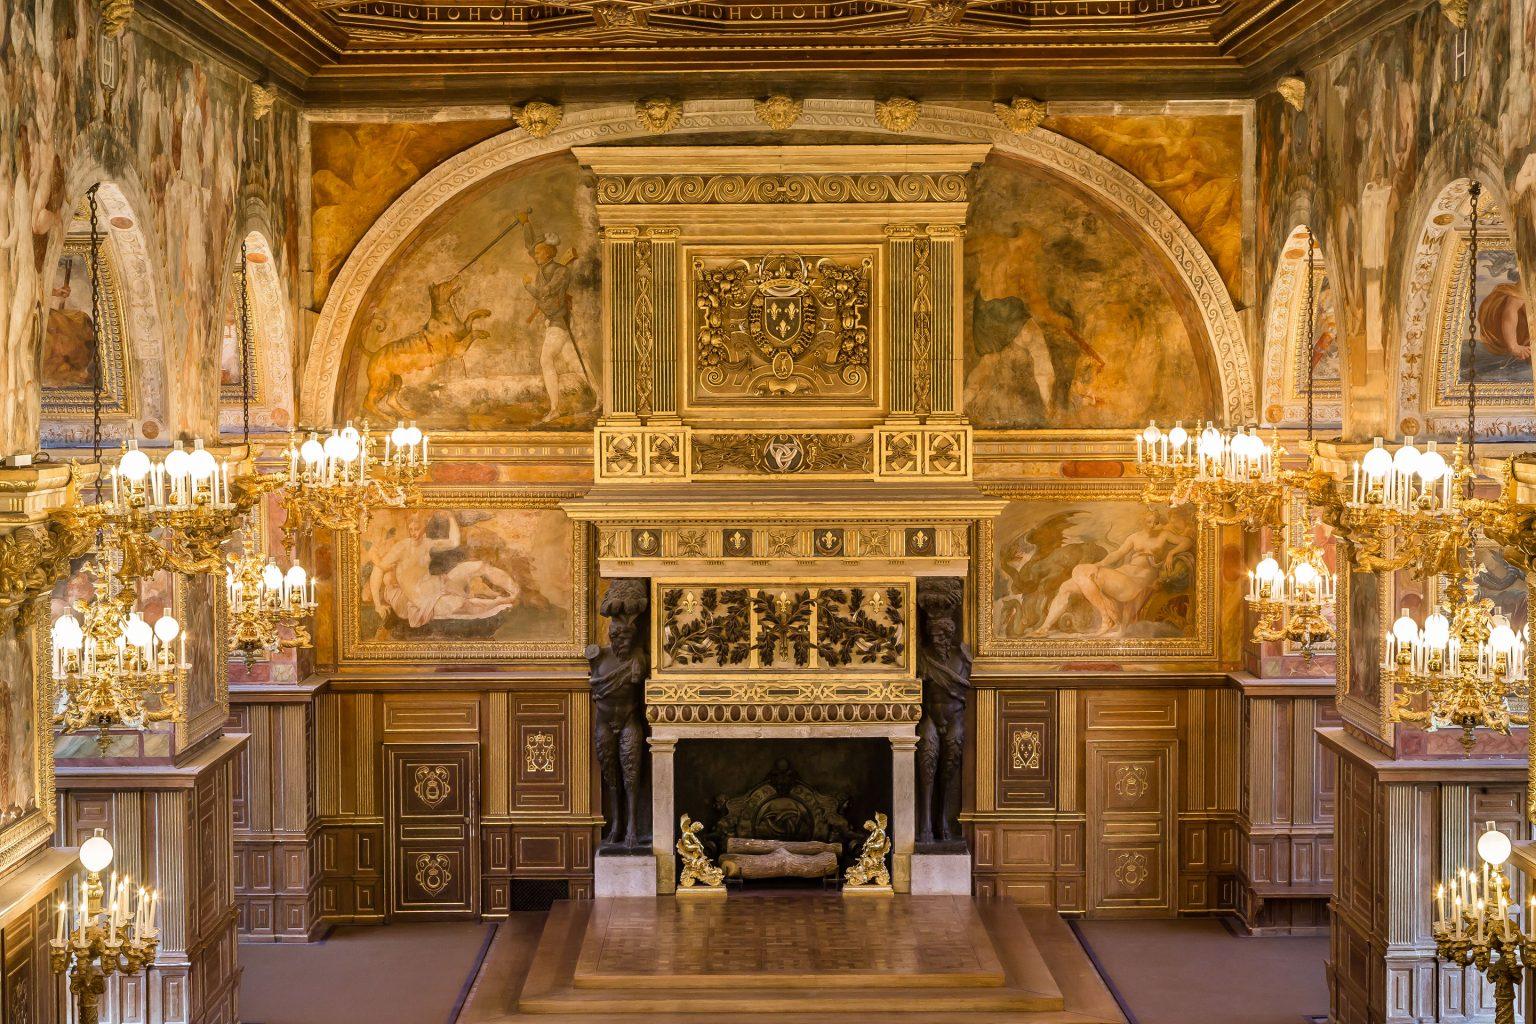 Détail de la Salle de Bal du château de Fontainebleau